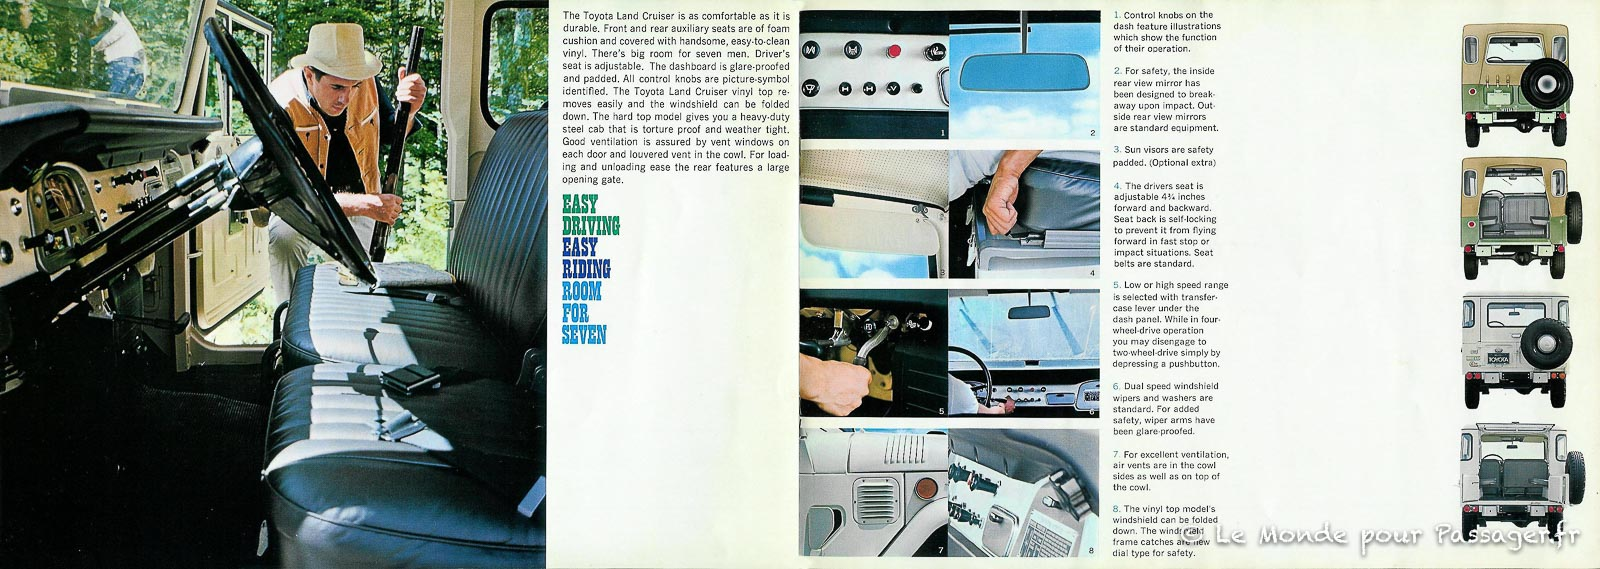 Fj55-Pubus-1968-004